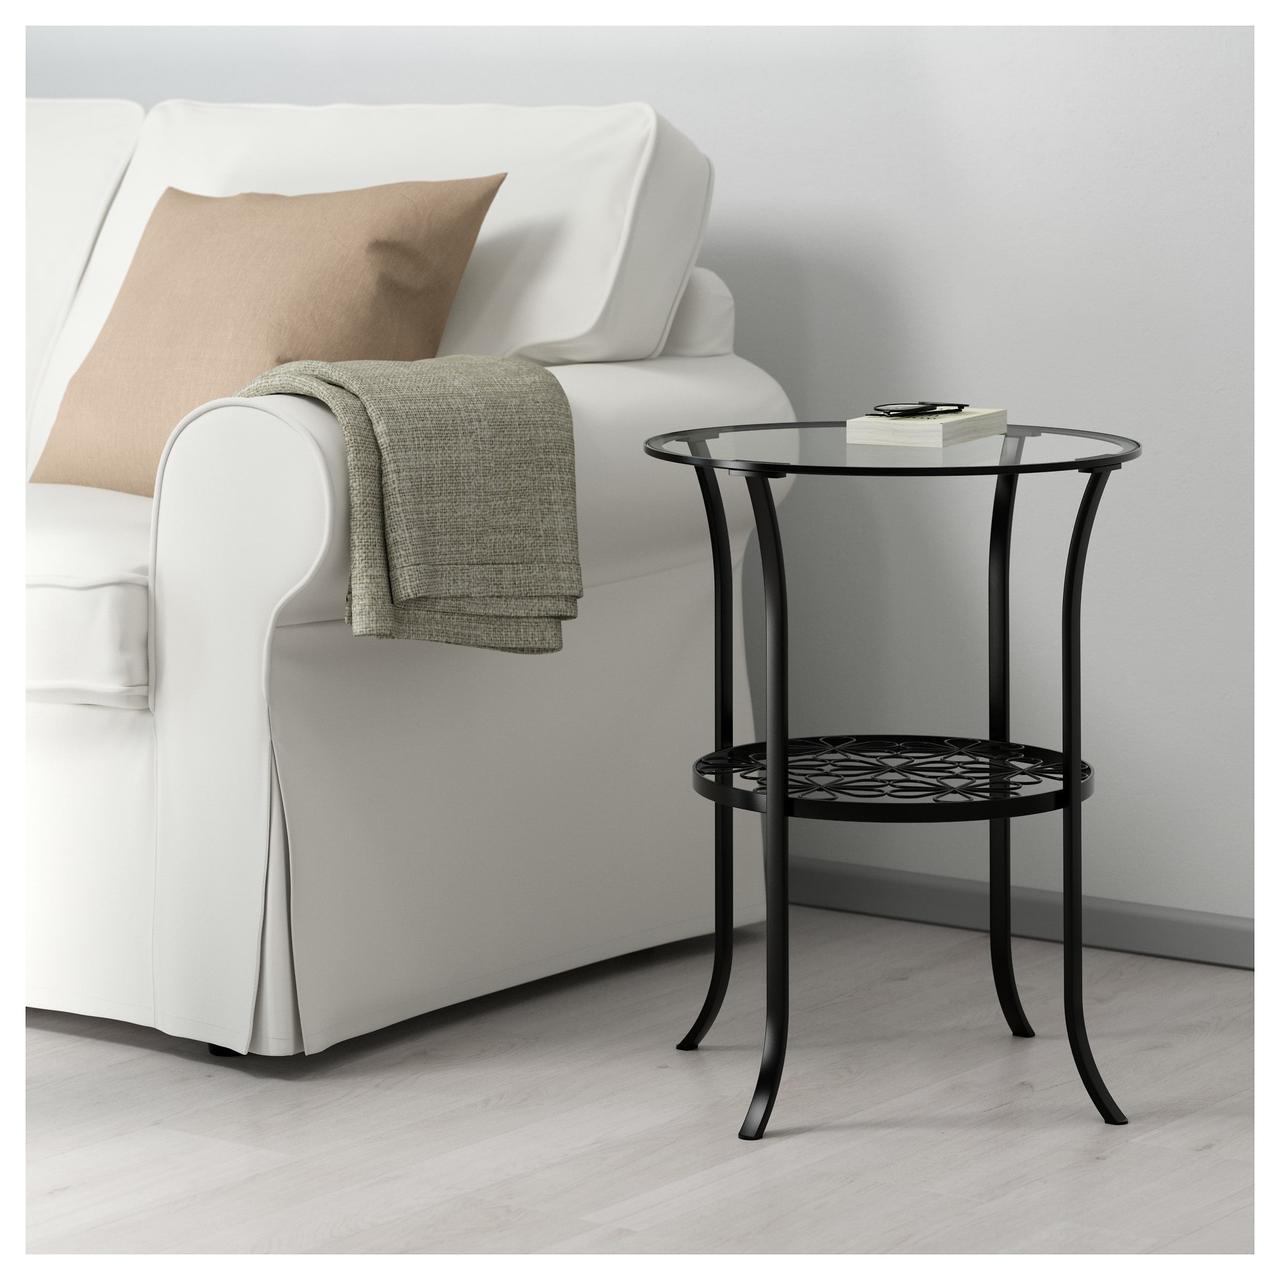 КЛИНГСБУ Придиванный столик, черный, 201.285.64